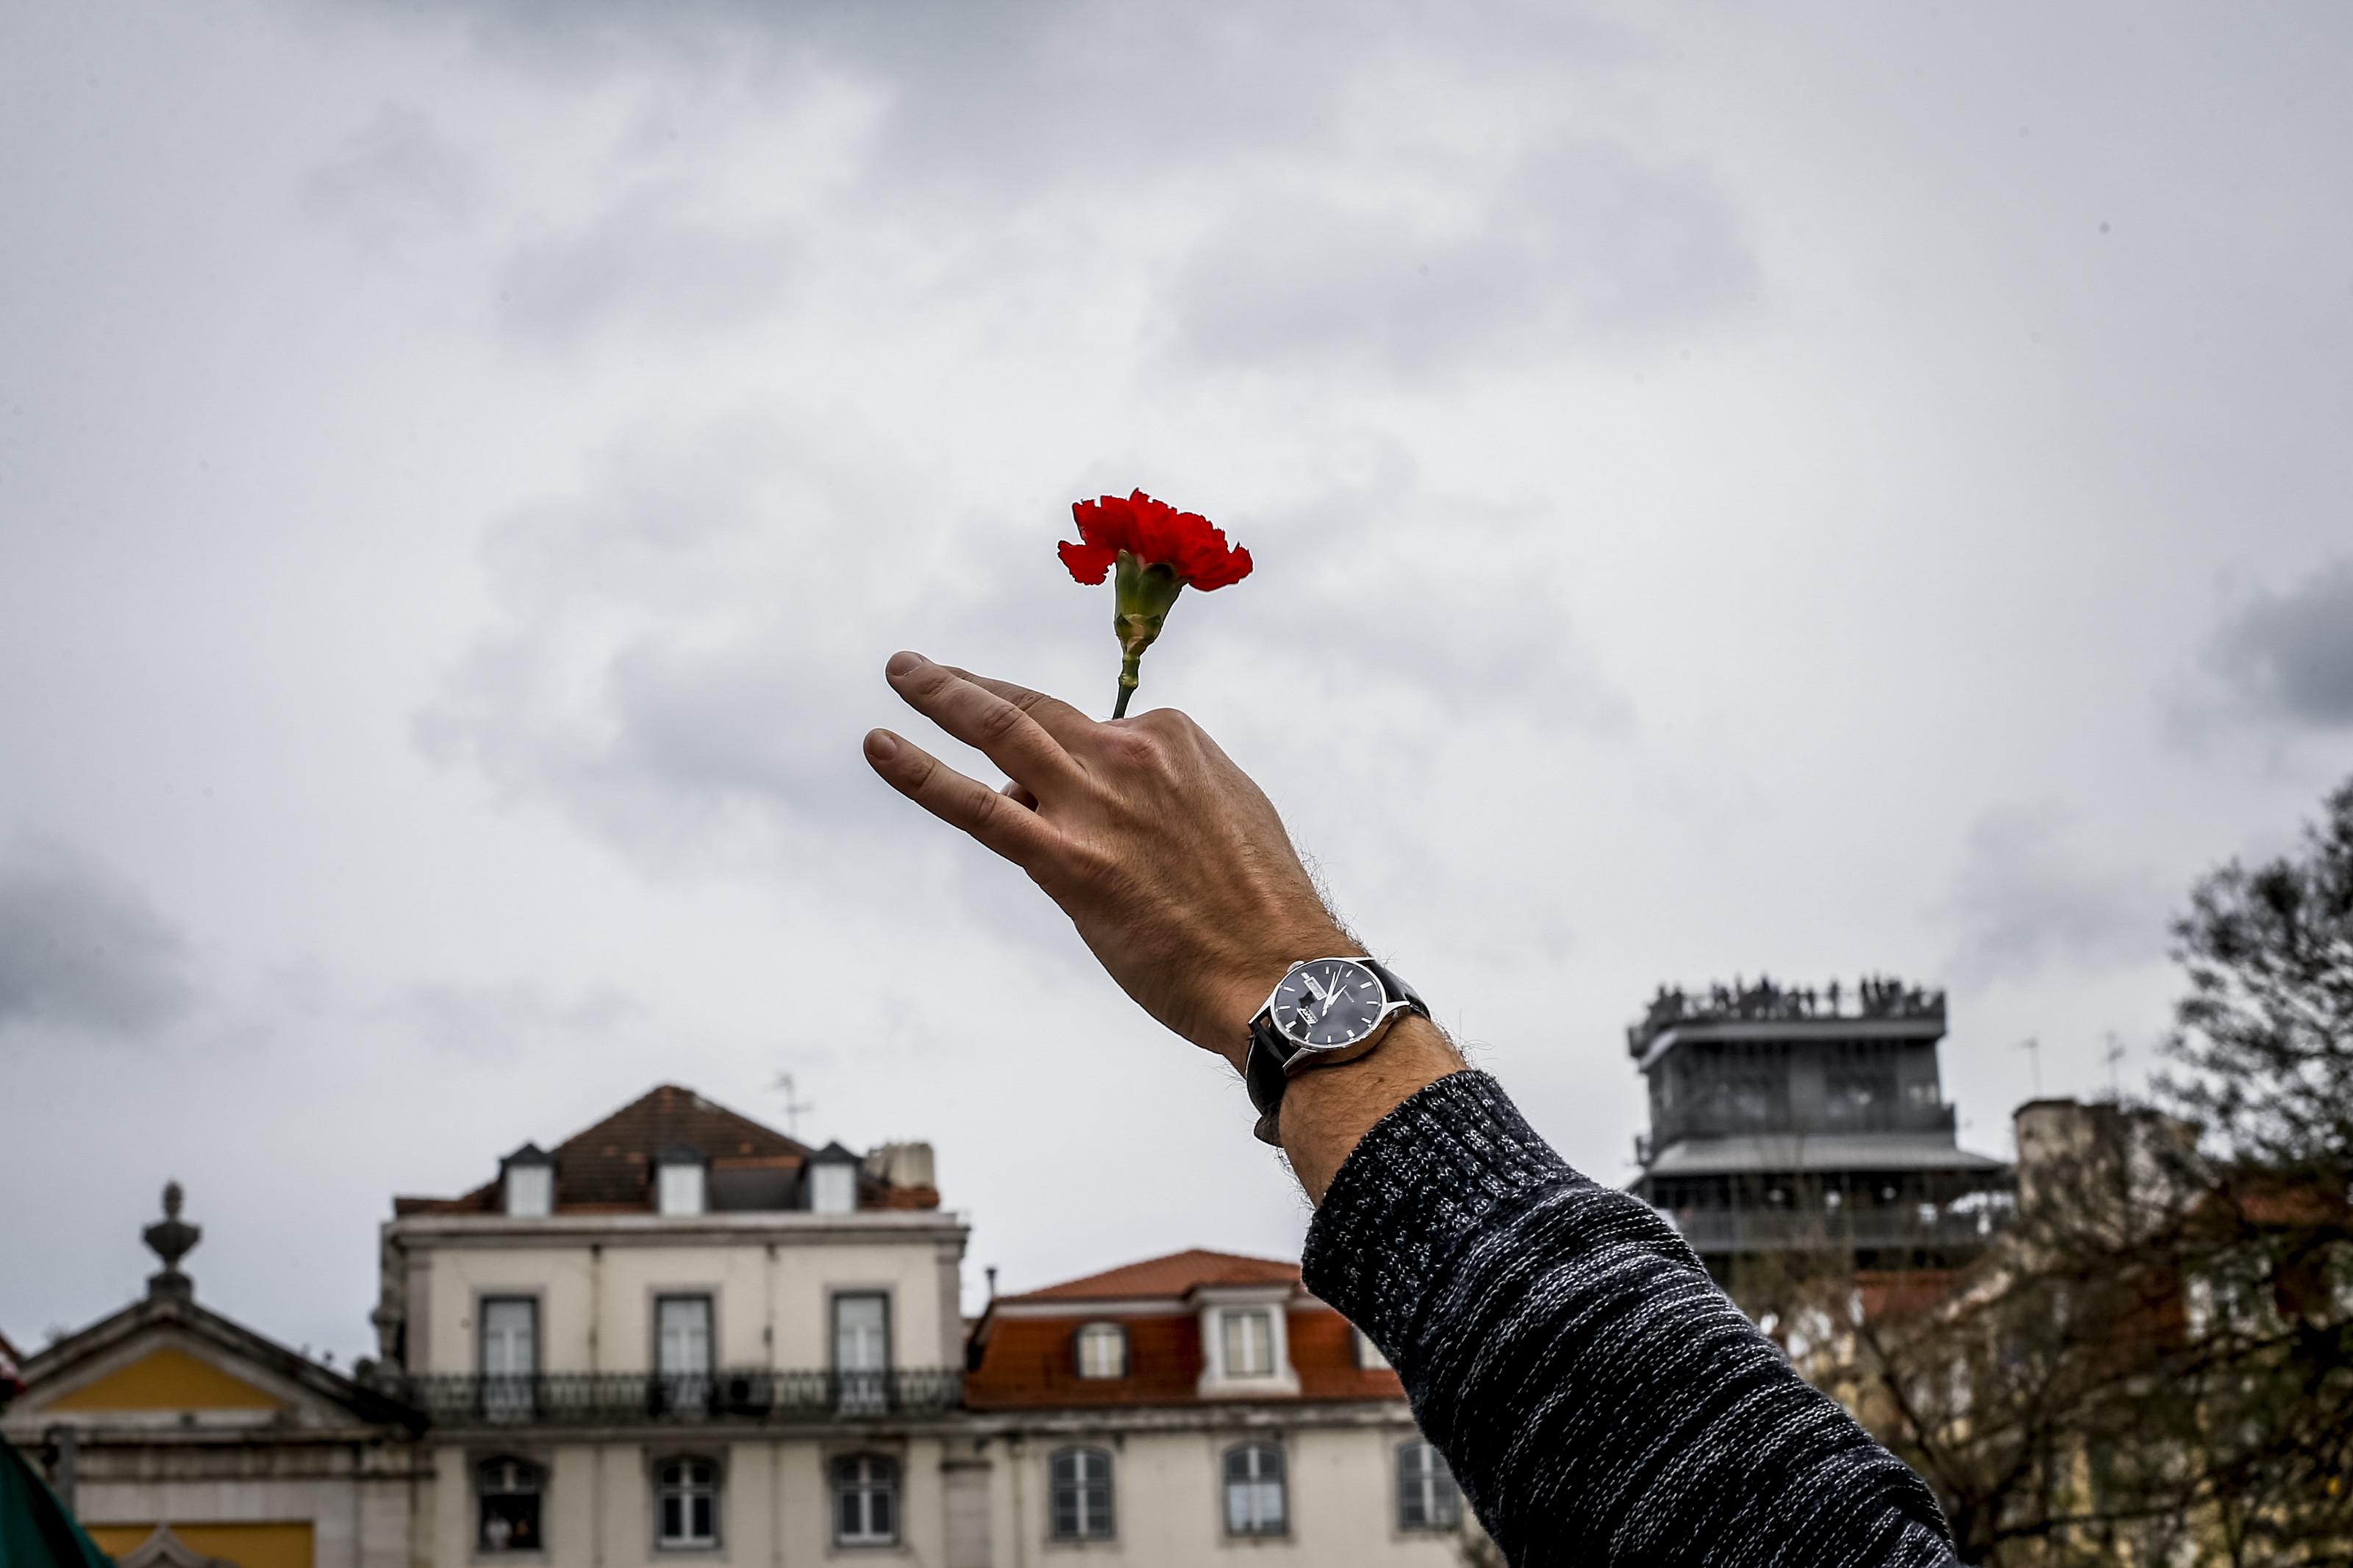 Milhares desfilam em Lisboa para lembrar revolução dos cravos